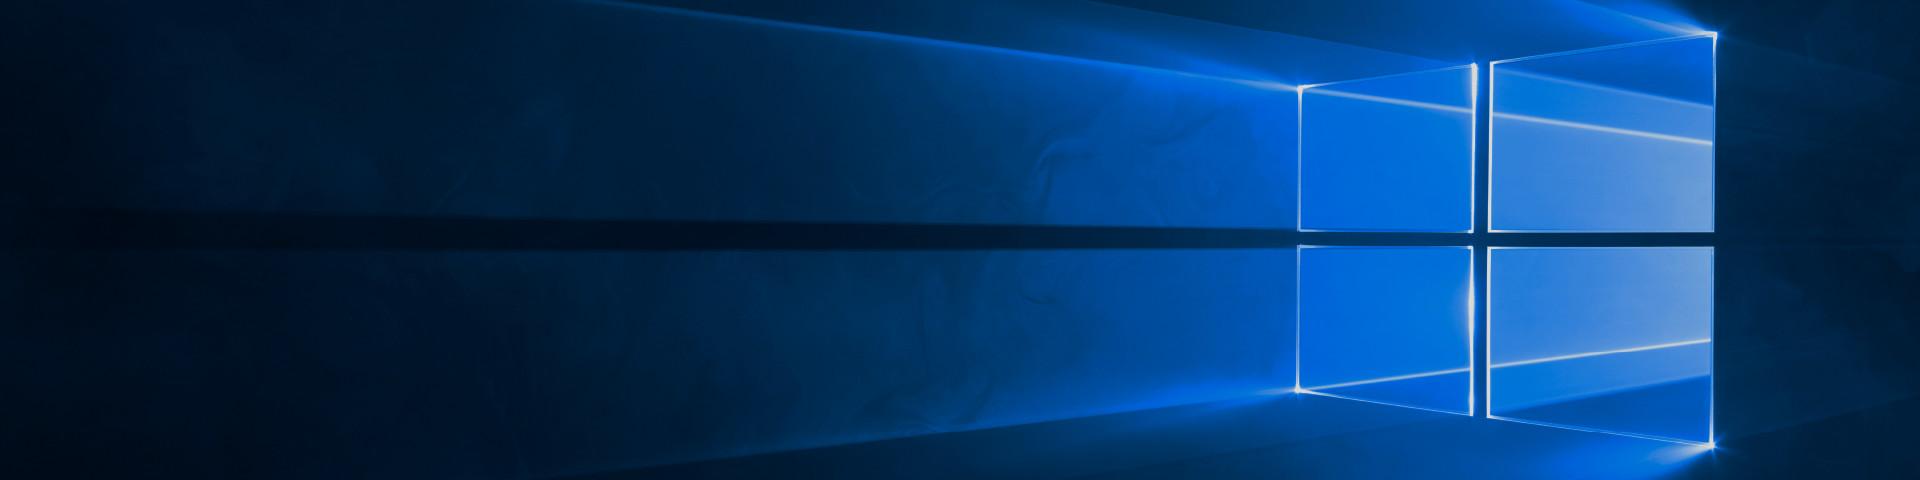 Windows10 уже здесь и вы можете скачать ее бесплатно*.